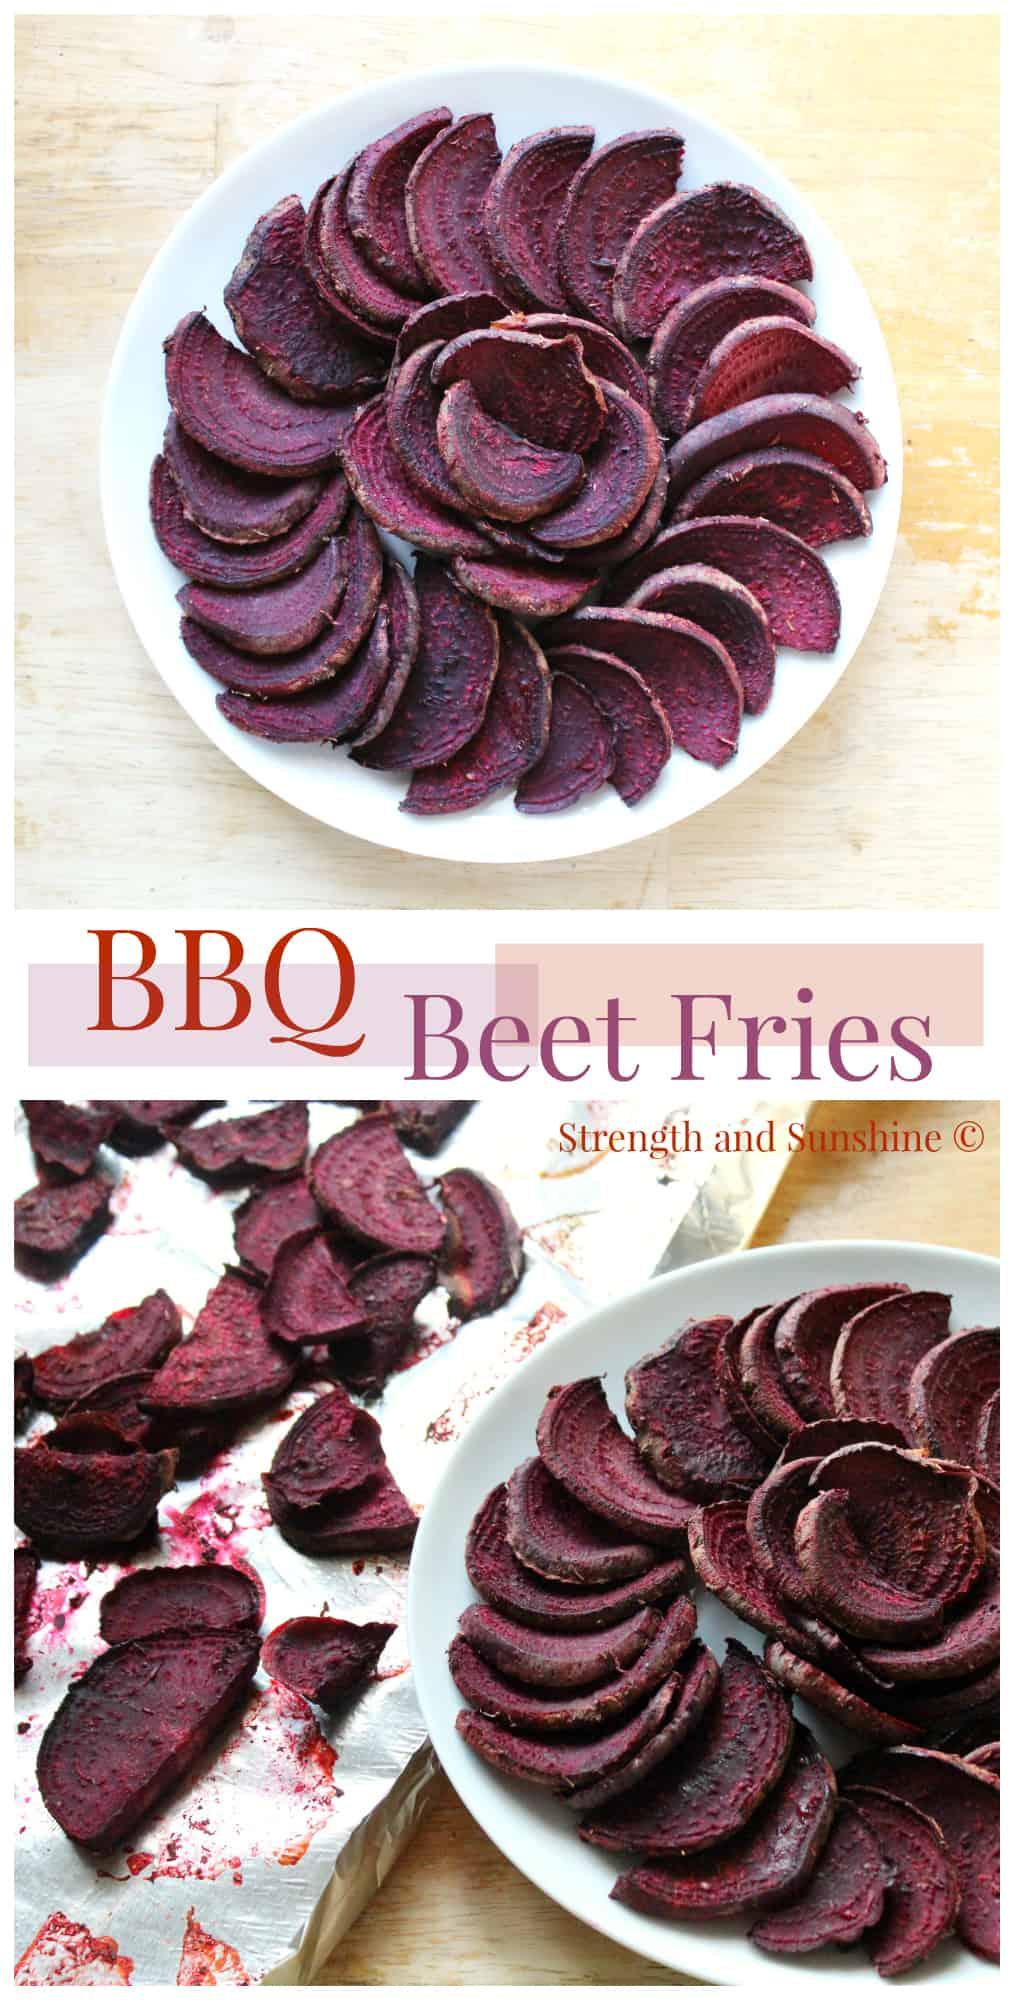 BBQ-Beet-Fries-PM